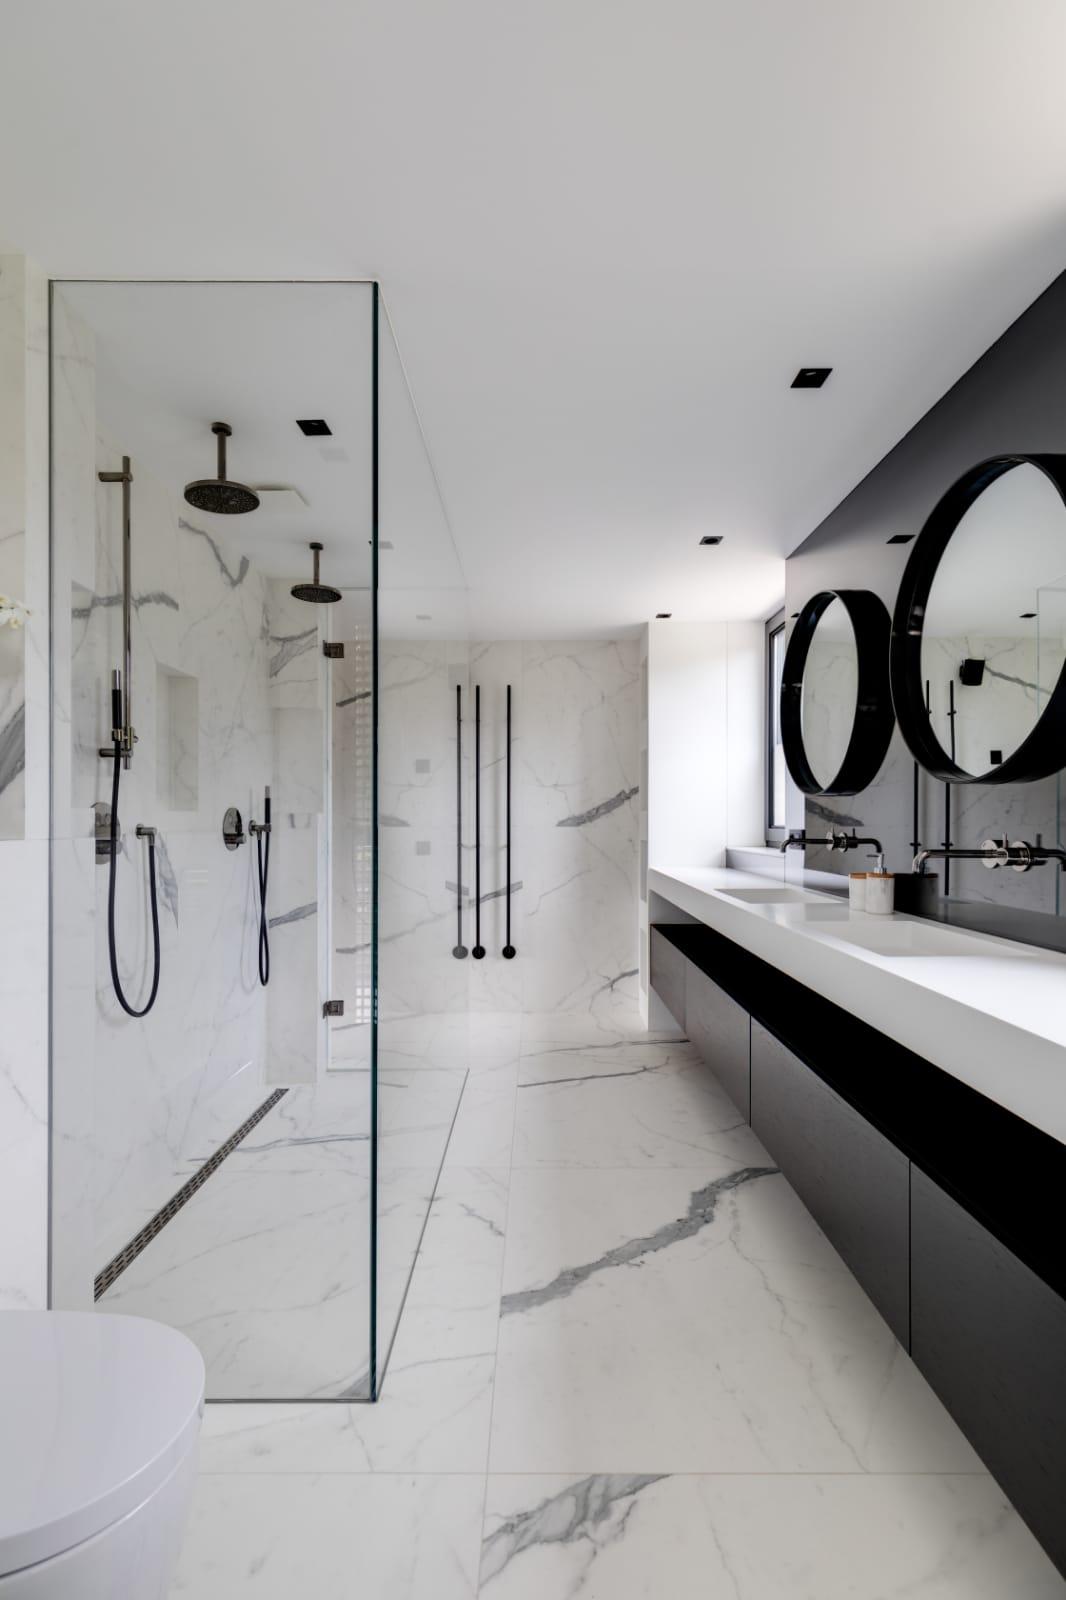 Badkamer met glazen wand en grote spiegels door Stylish Glass #badkamer #badkamerontwerp #design #glazenwand #stylishglass #waalwijk